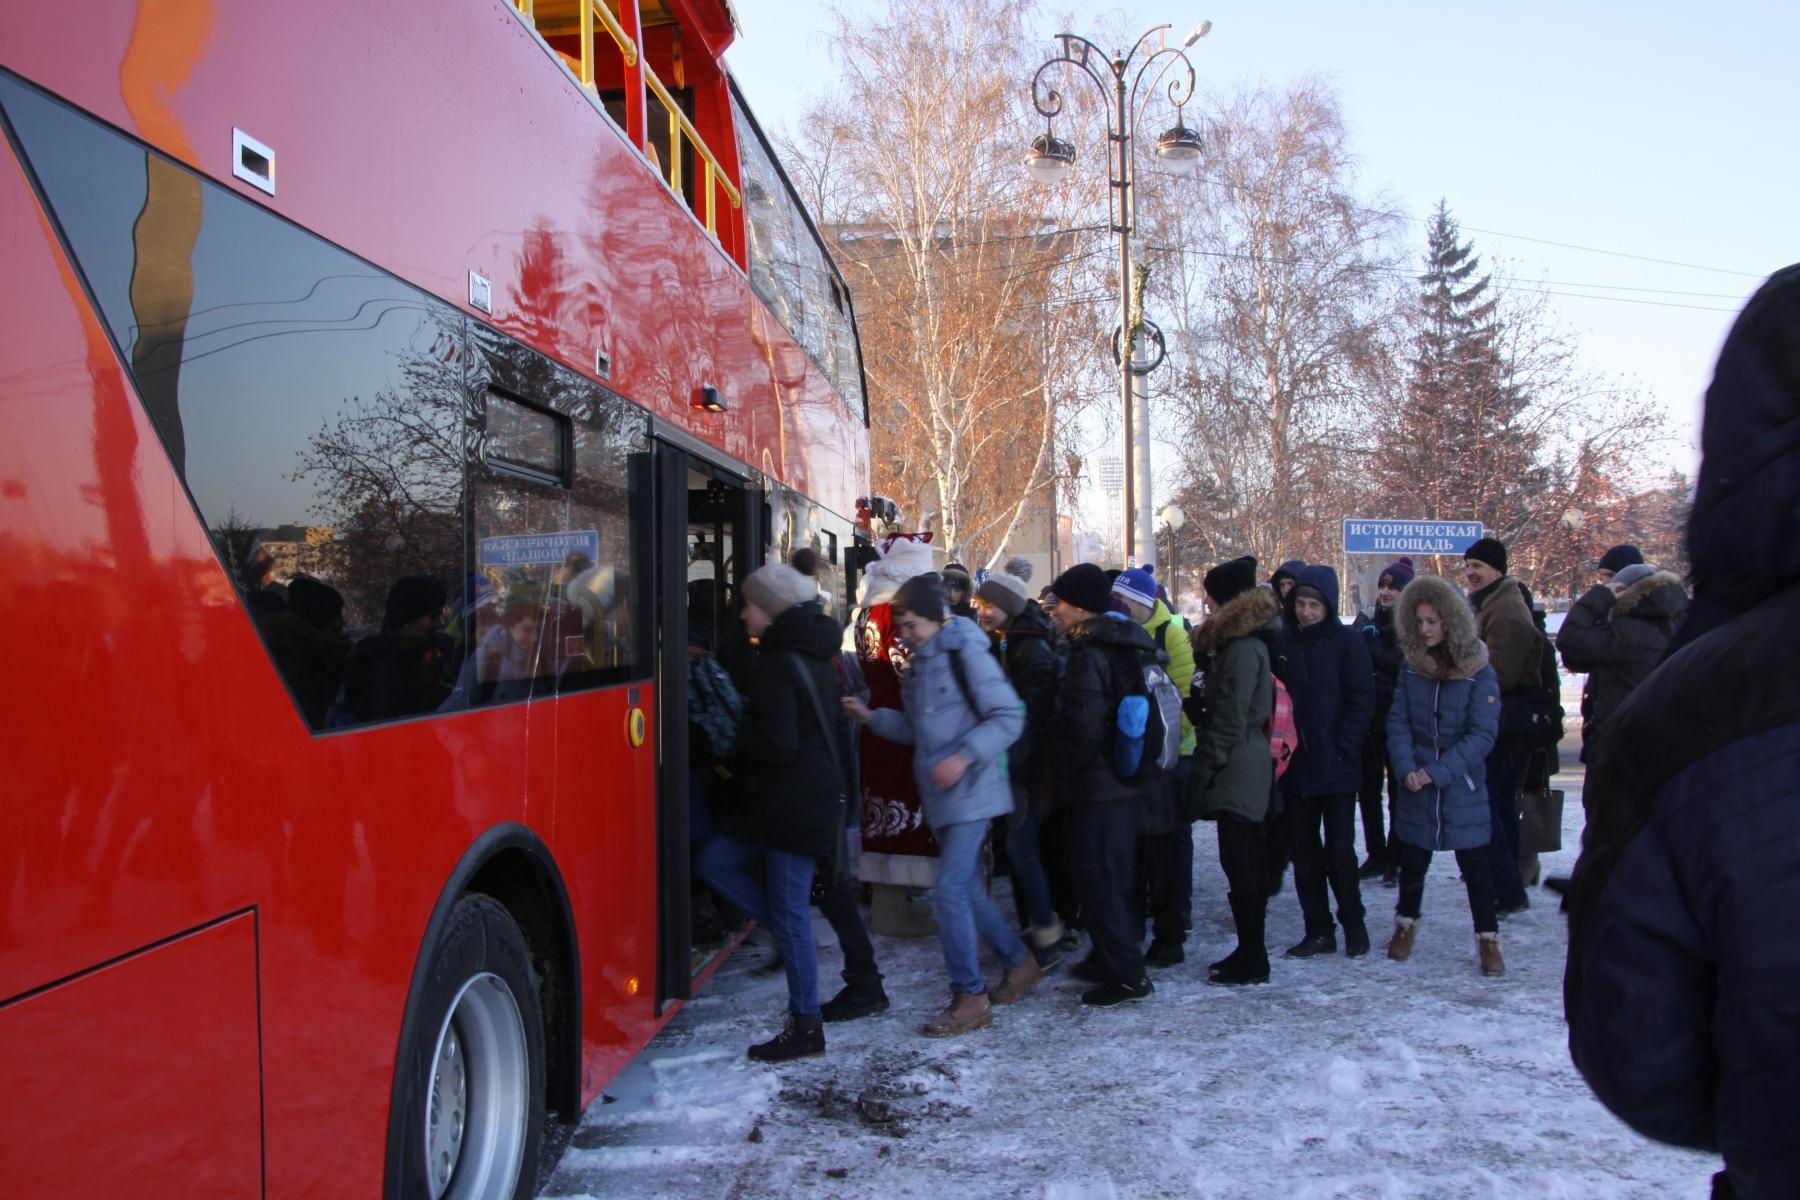 Картинки по запросу автобус зима красота